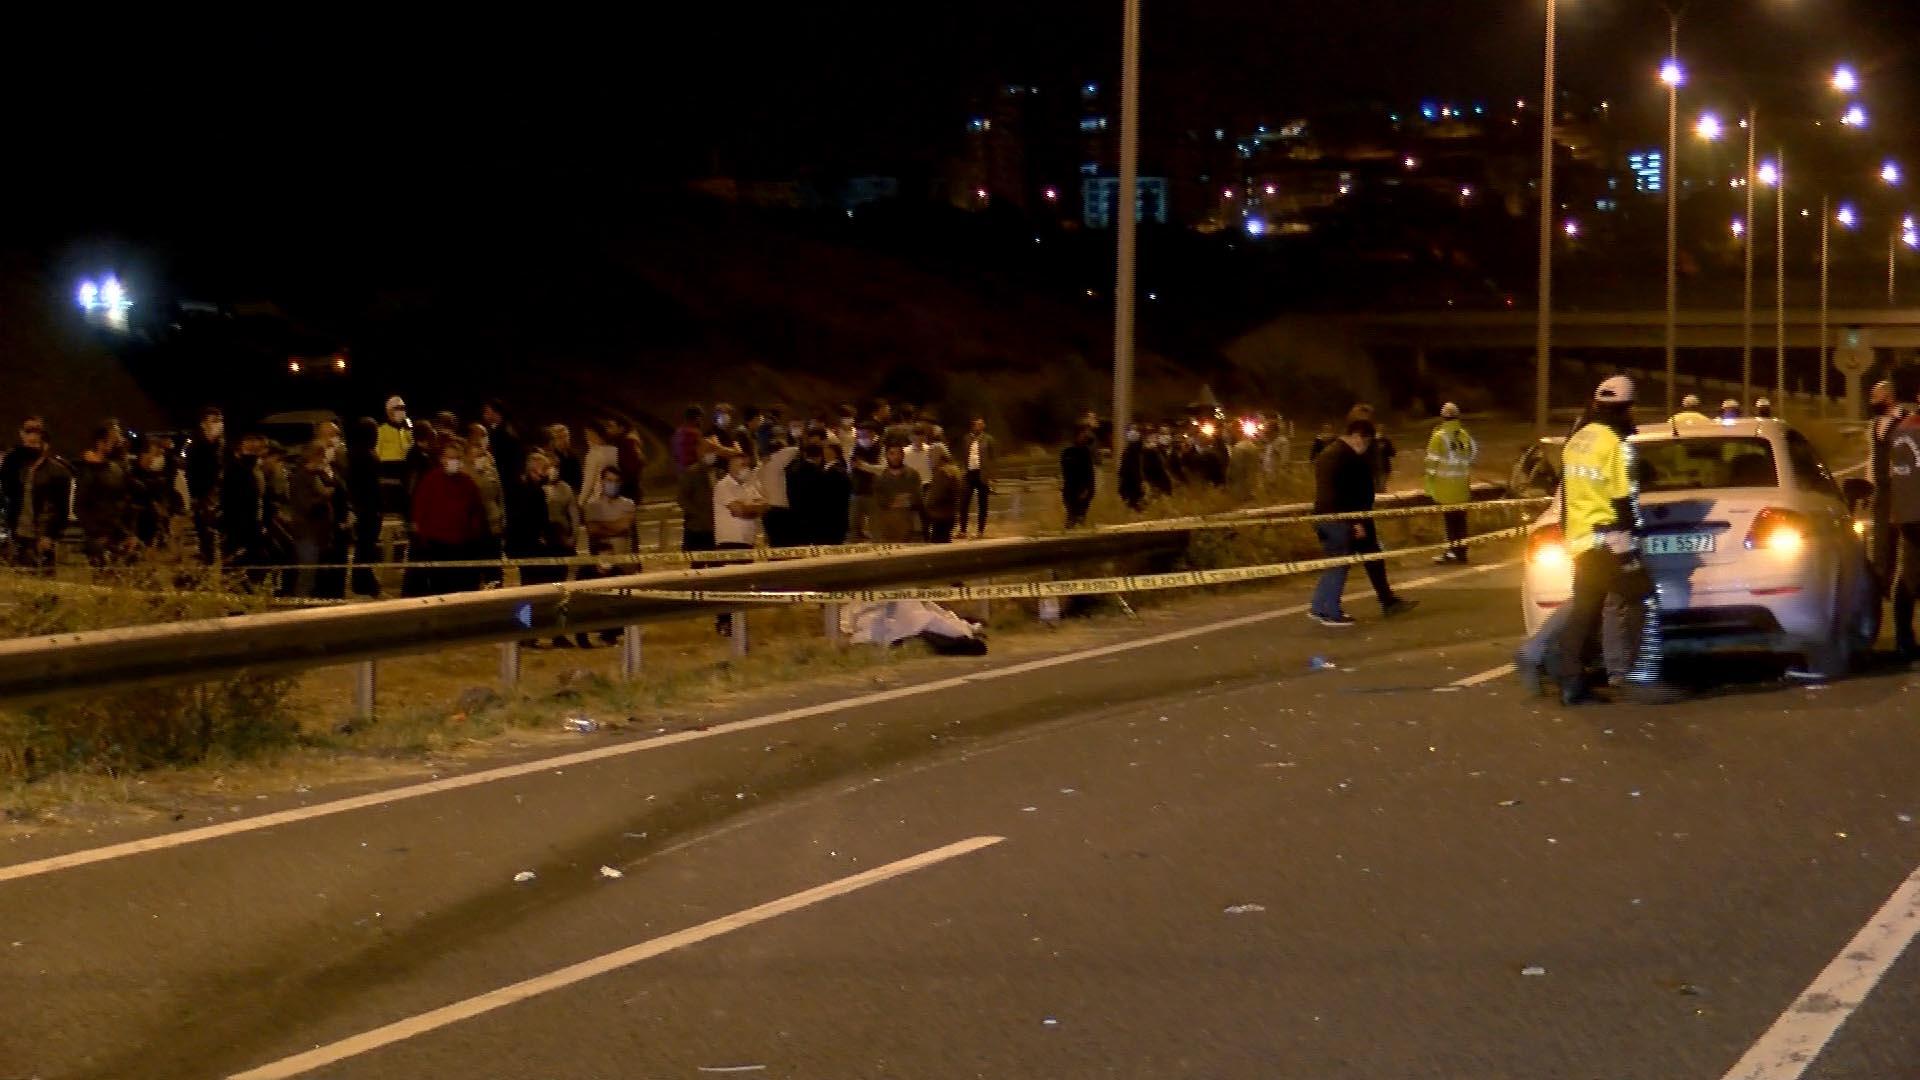 Düğün konvoyunda dehşet: Otomobil iki araca çarpıp alev aldı